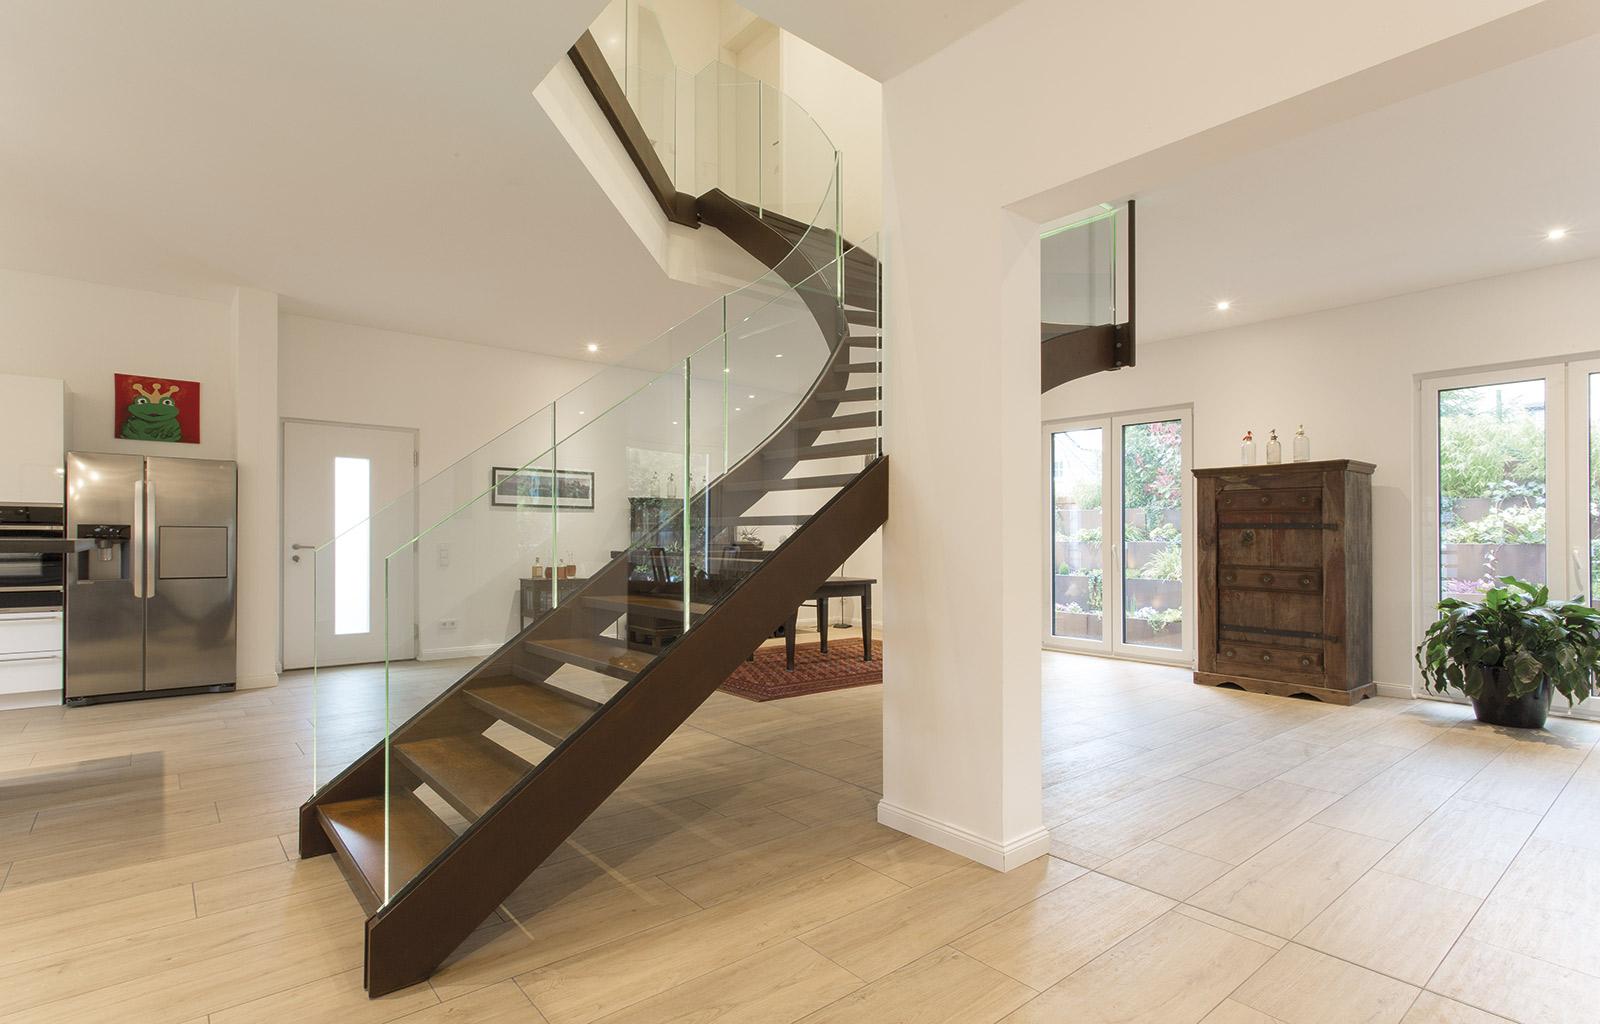 treppe im wohnbereich moderner wohnbereich mit treppe und kamin wohnbereich mit treppe mit und. Black Bedroom Furniture Sets. Home Design Ideas